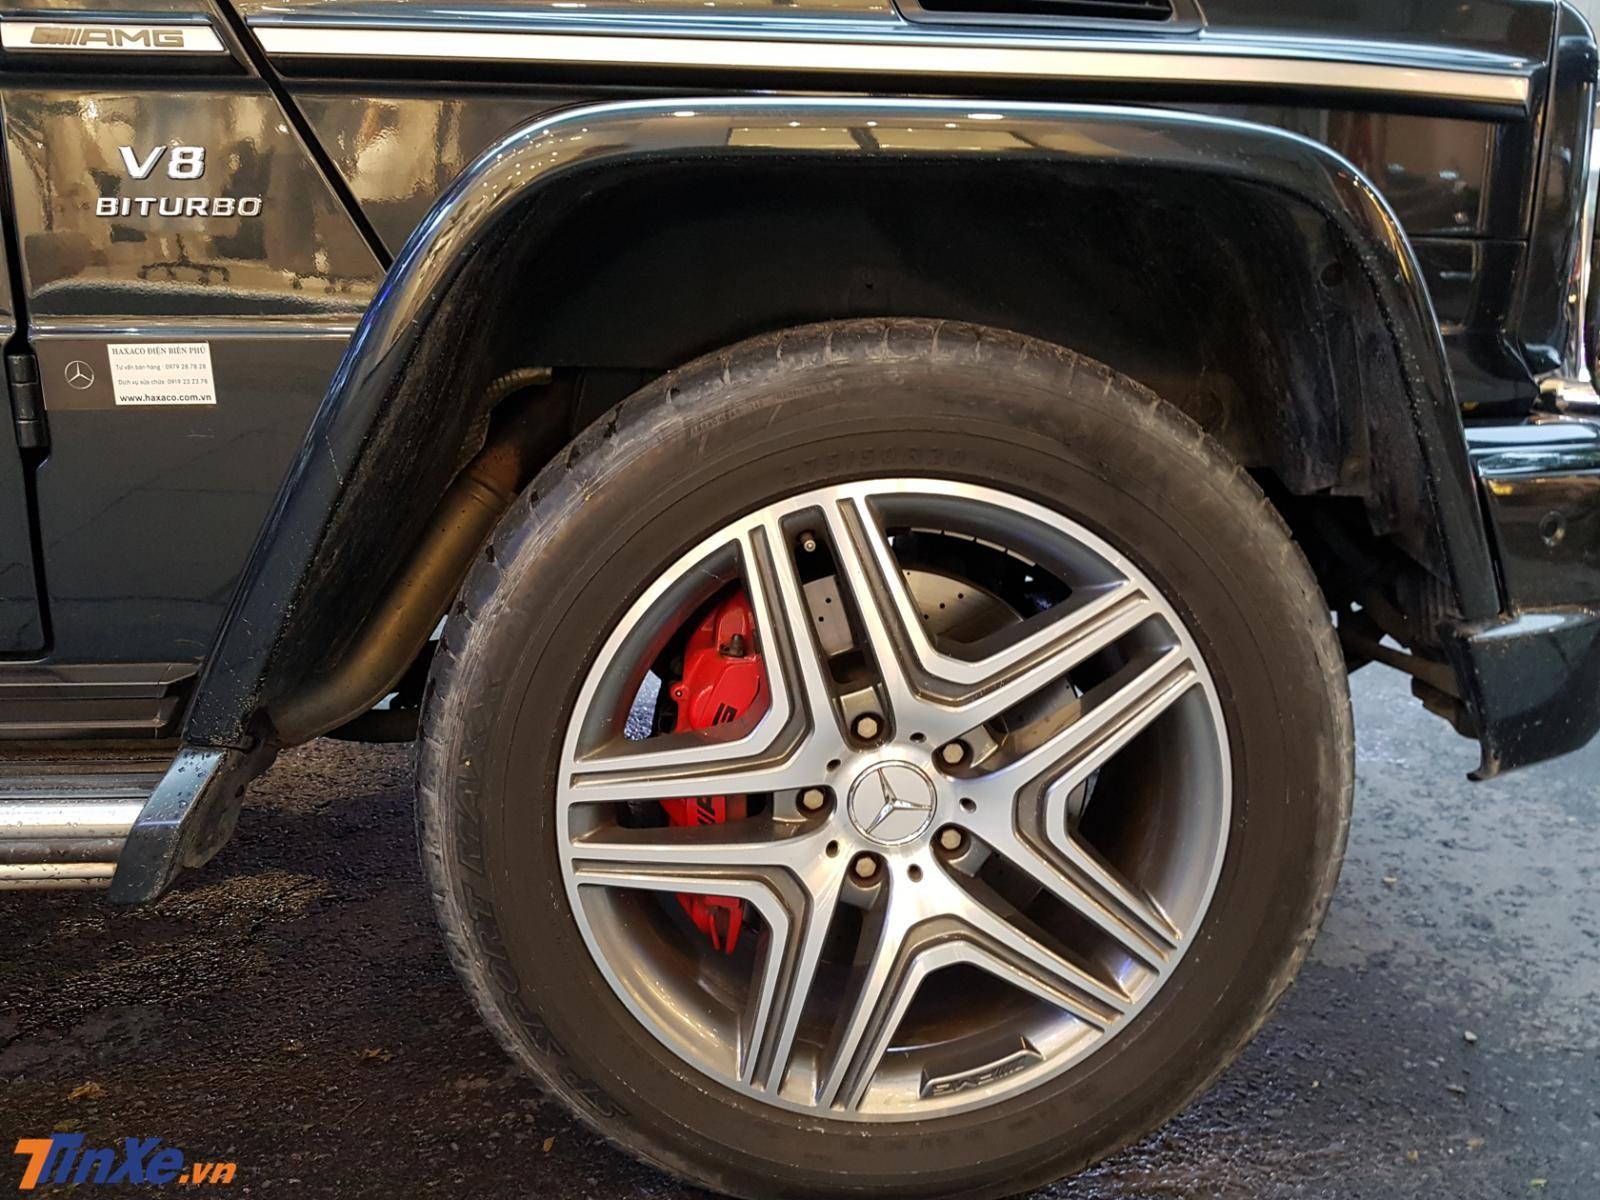 Mercedes-Benz G63 AMG sử dụng mâm 5 chấu kép